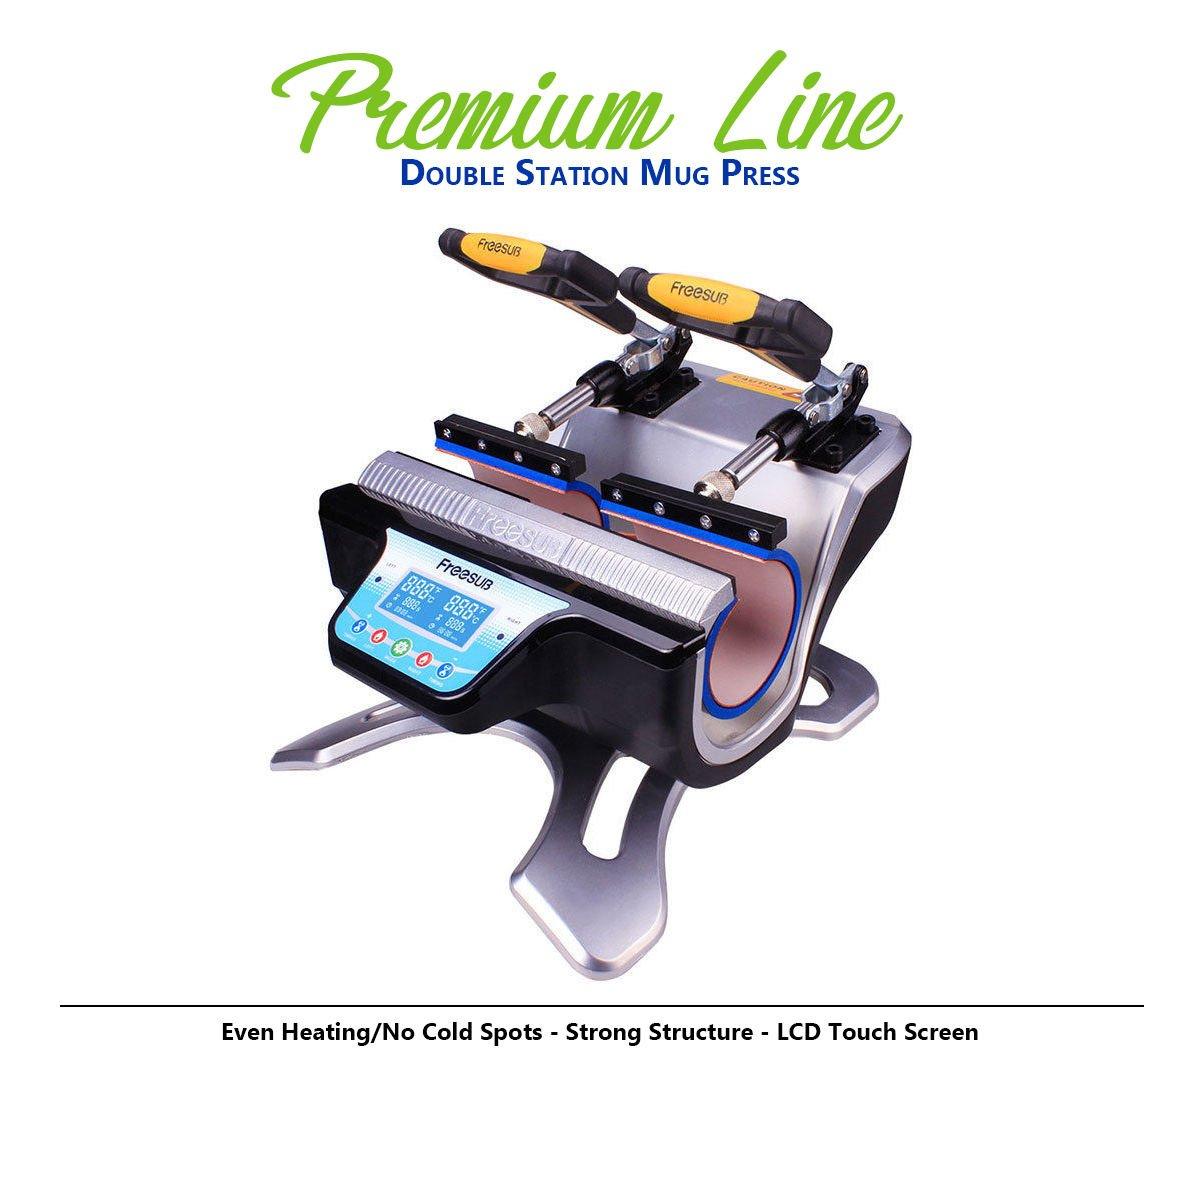 Heat Press Machine Mug Press, Mugs and Sublimation - Transfer MUGS Machine!! (11 Oz Double Mug Press, Gold Gift: 2 White Mugs + Transfer Tape) by world-paper